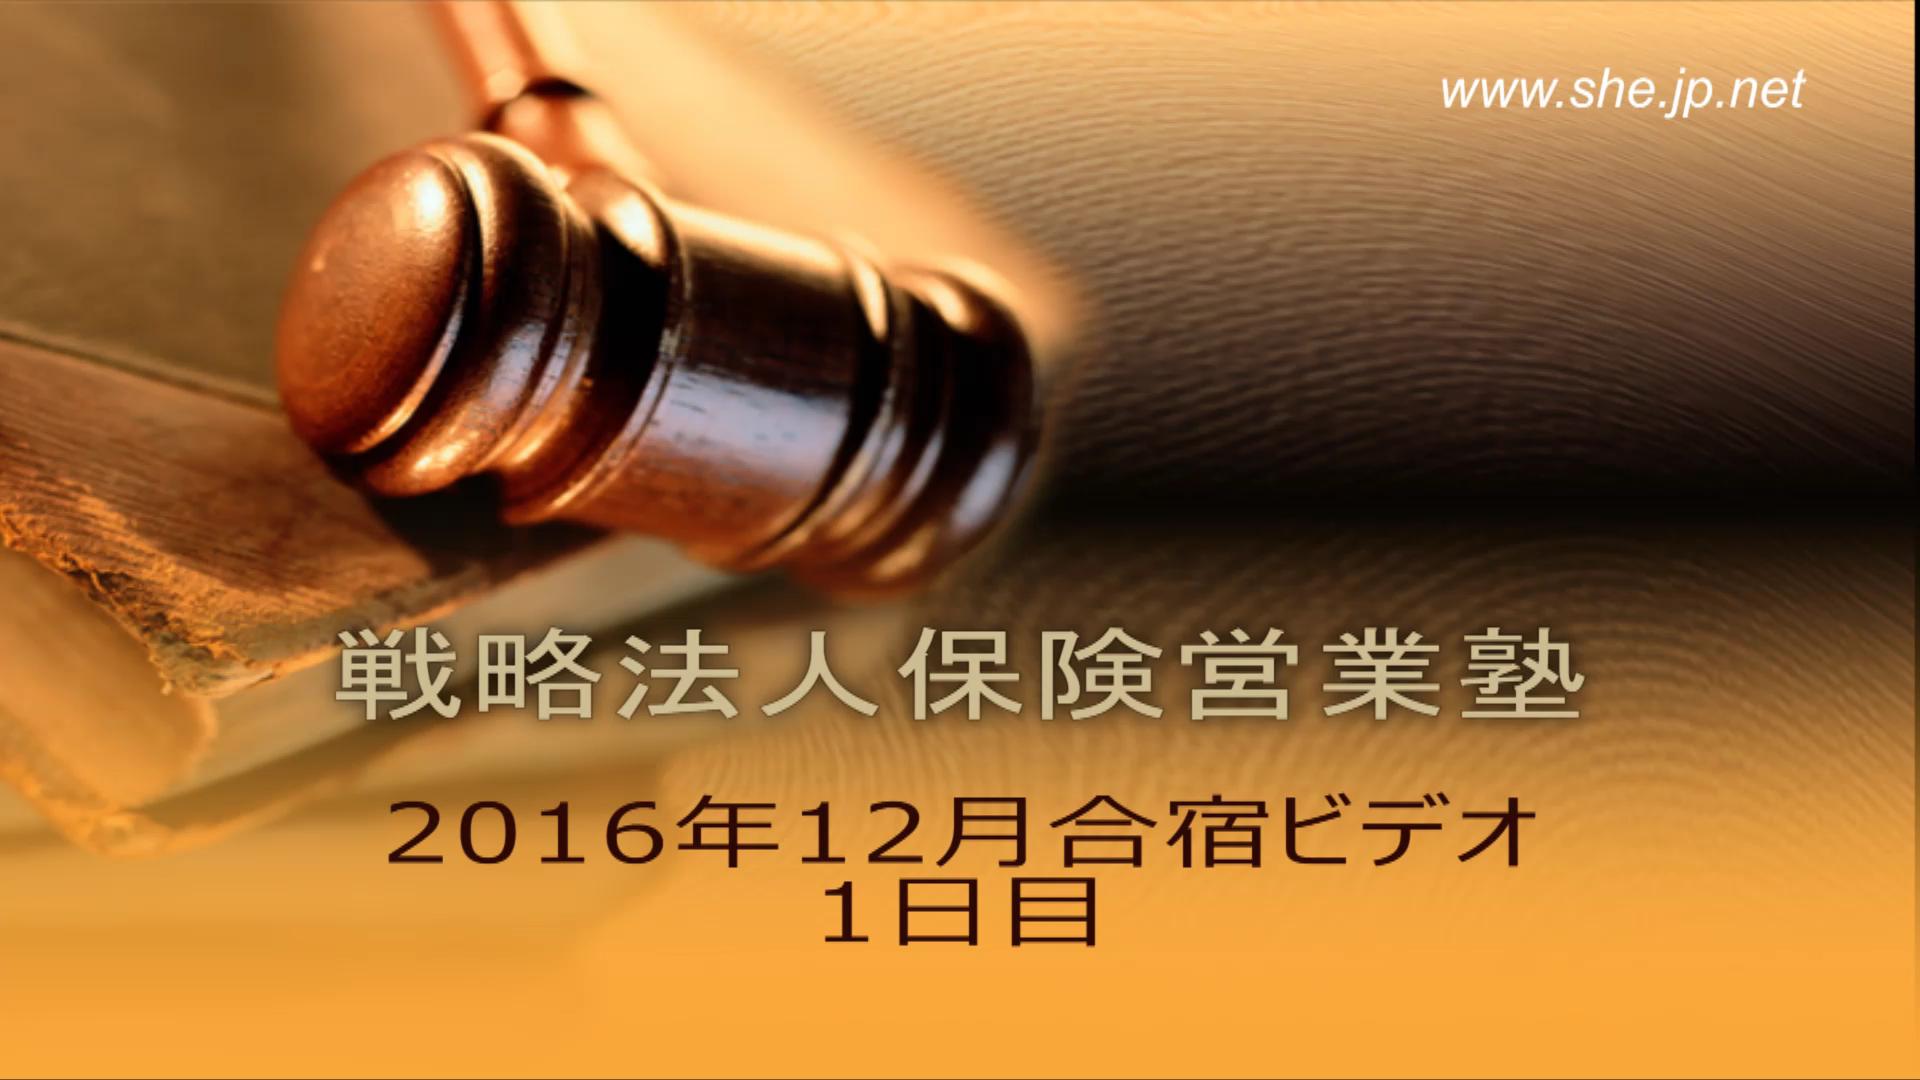 【受講者専用】 2016年12月合宿1日目LiveSHE勉強会ビデオ(メンバー限定)